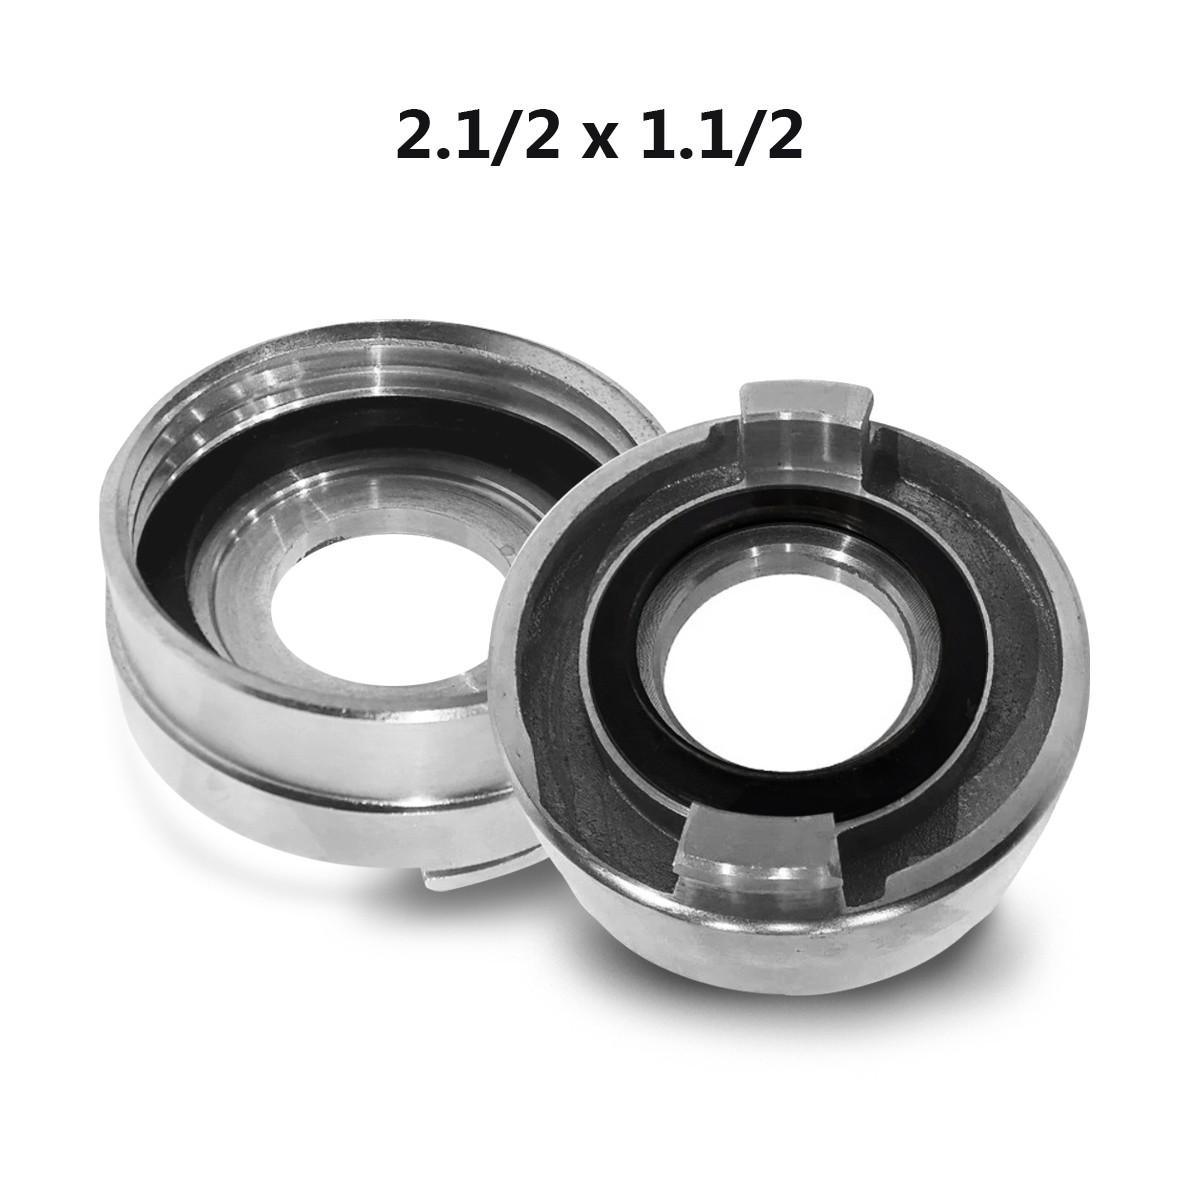 """Adaptador Storz 1.1/2 5FPP x 2.1/2"""" alumínio"""